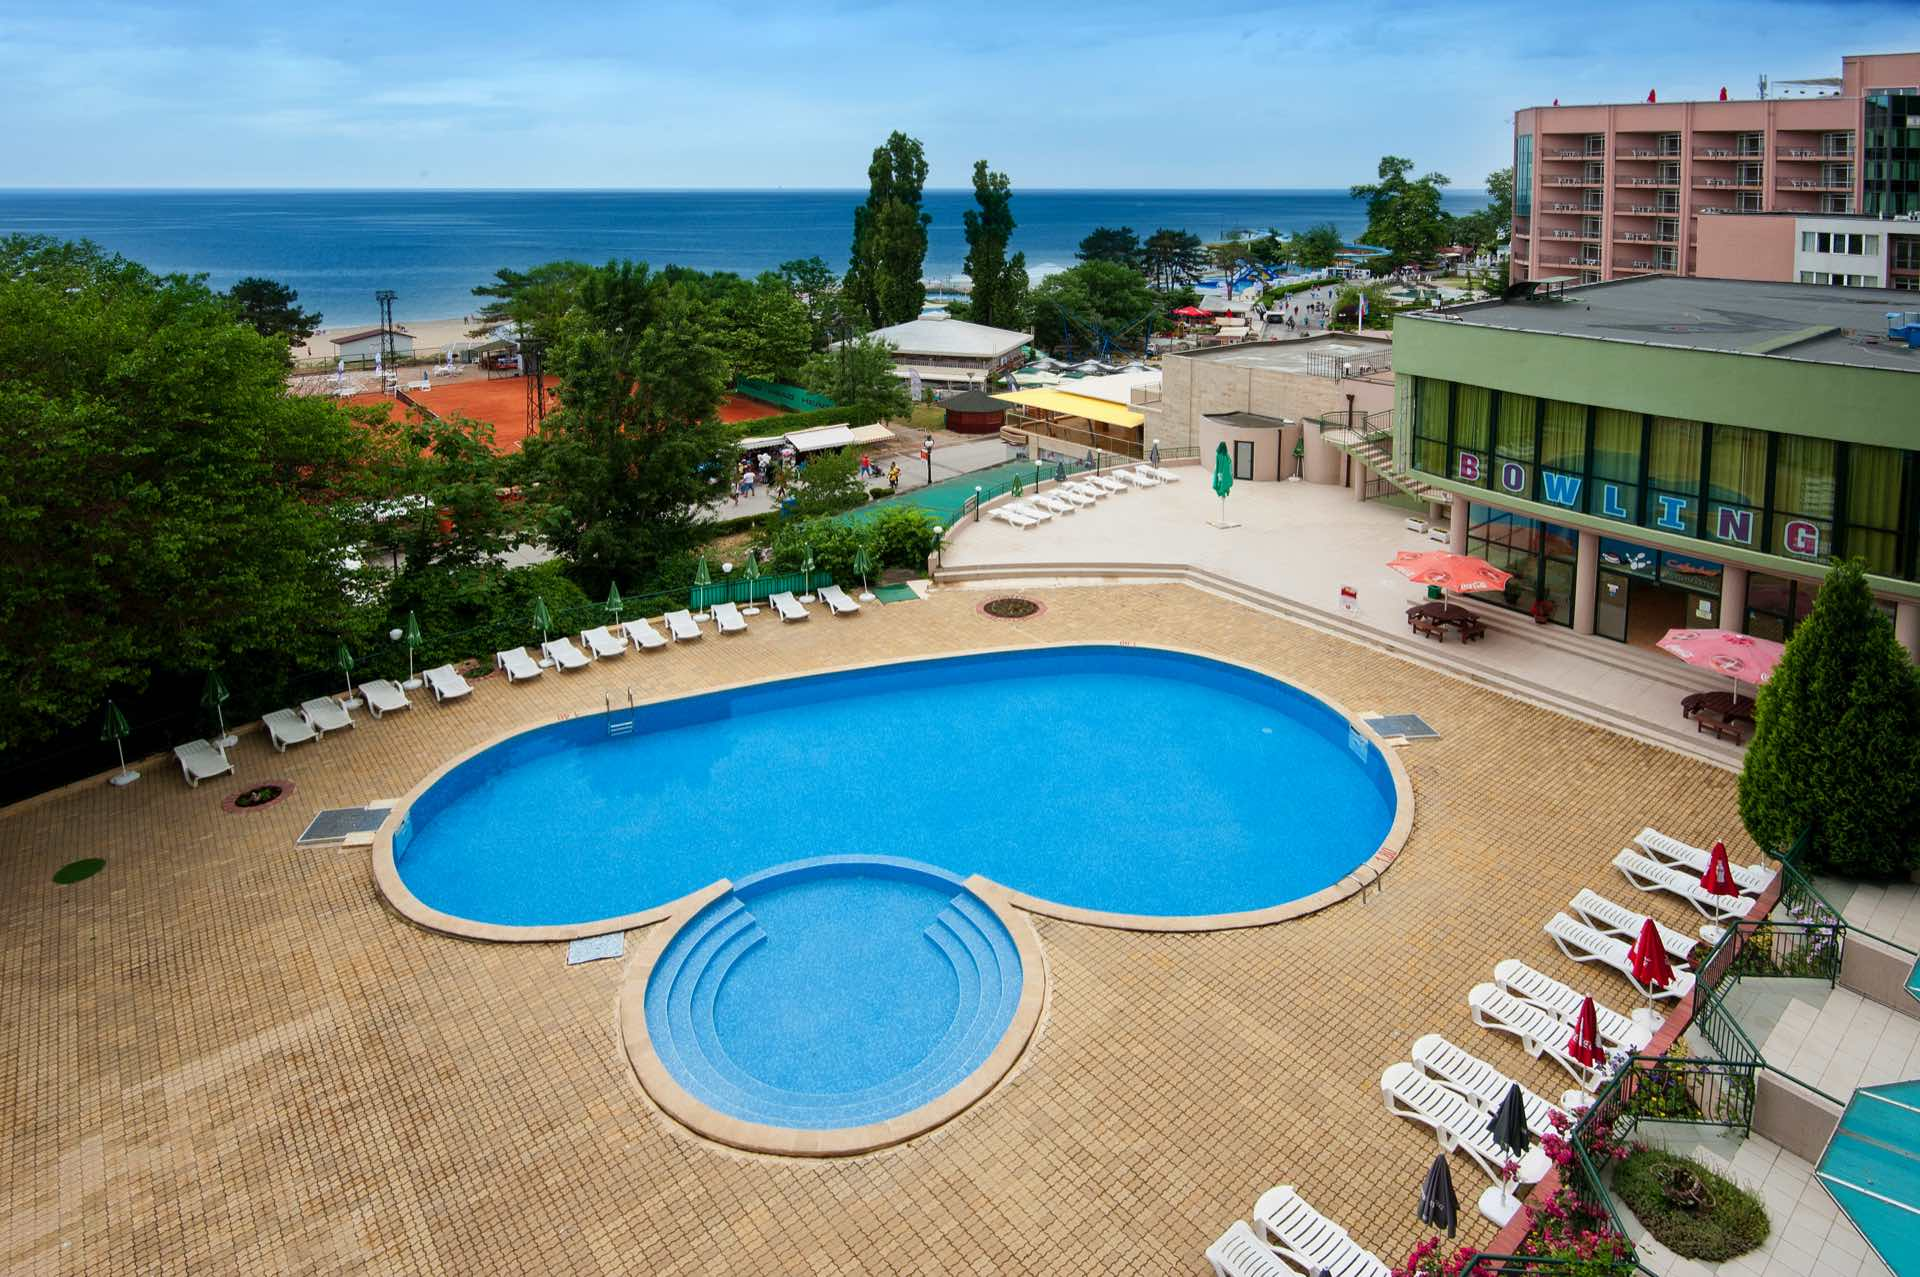 Hotel Palm beach 4